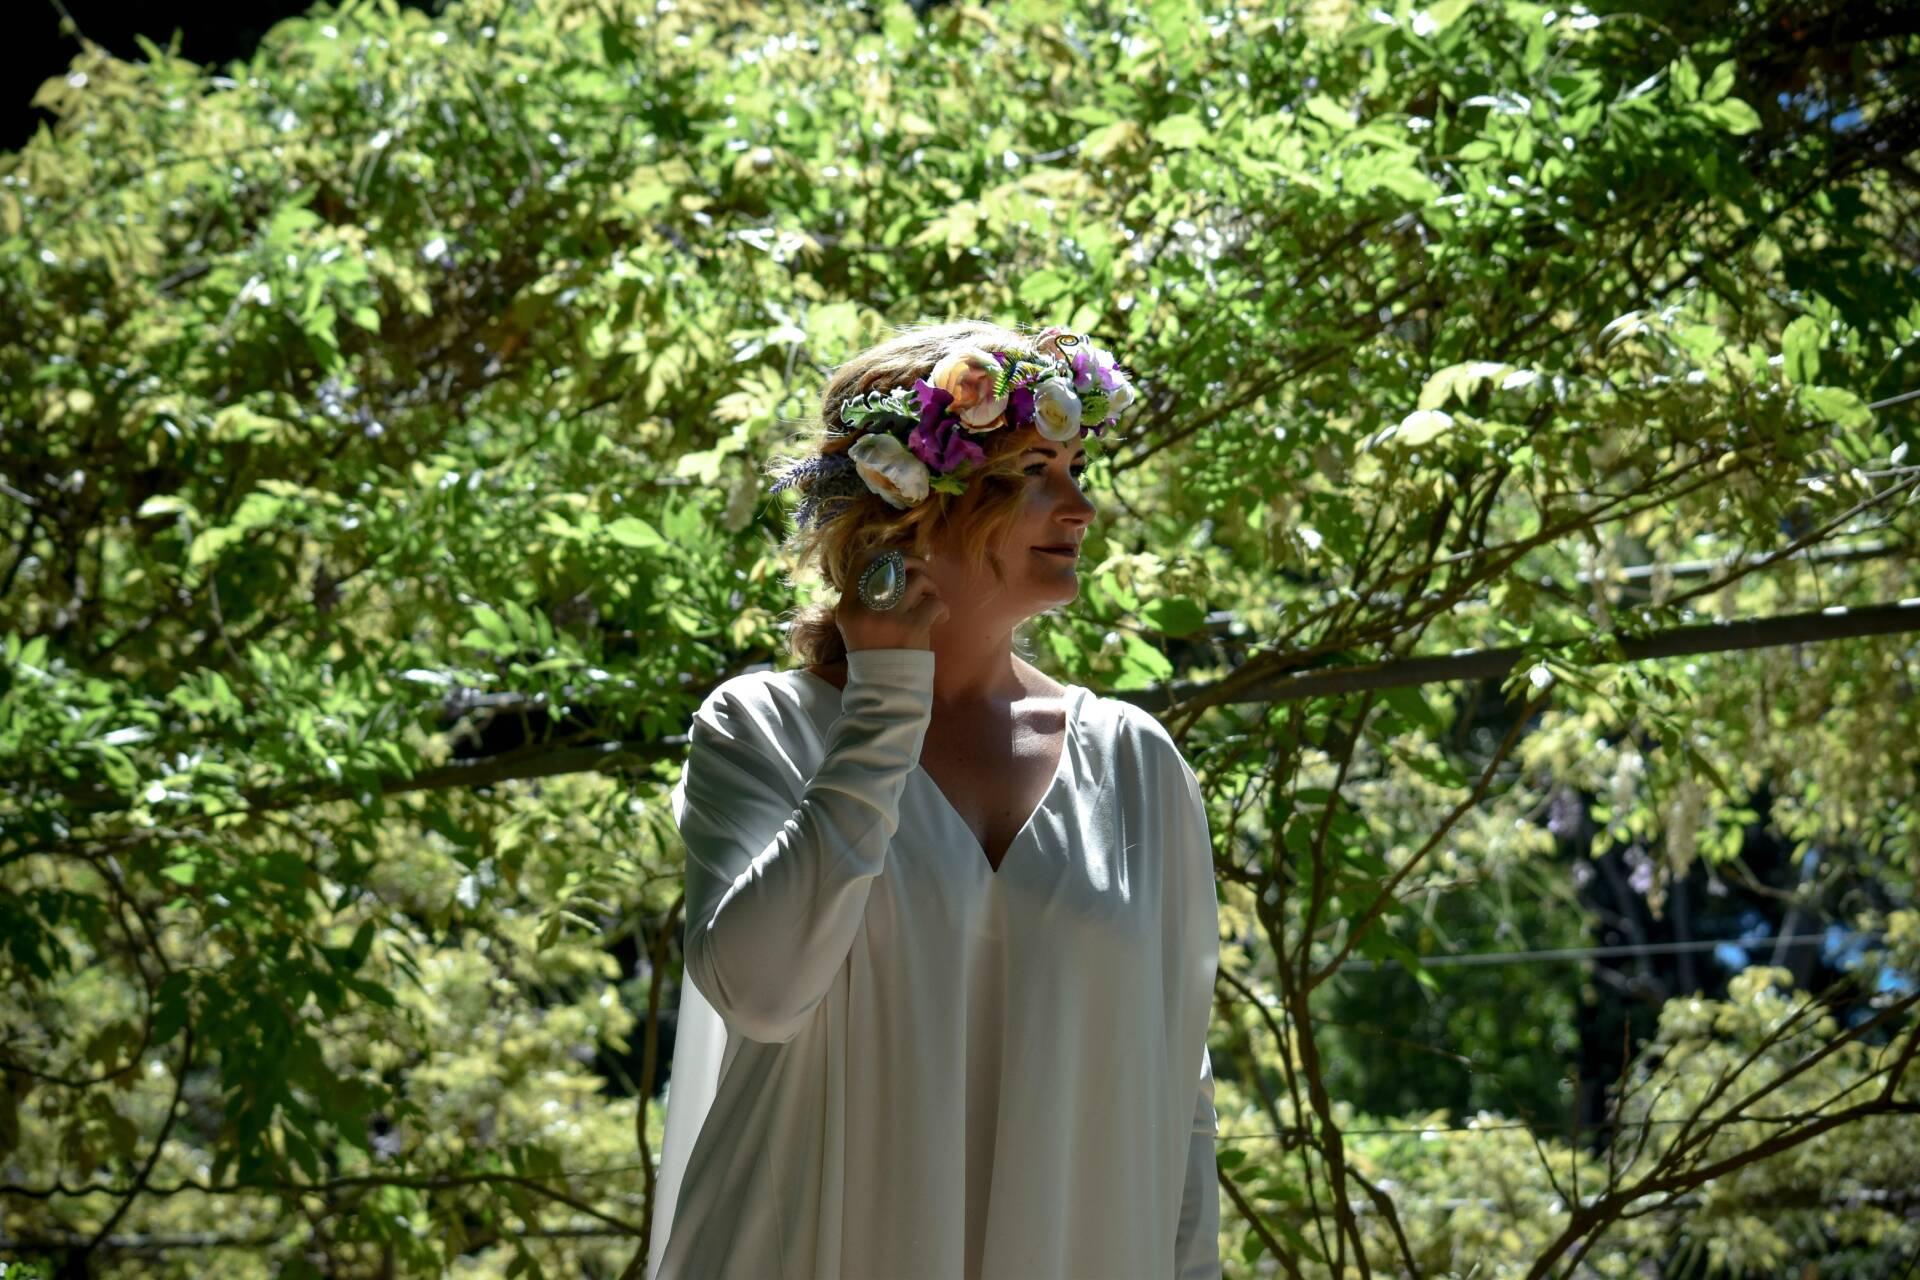 Flower Crown- The Gypsy Mumma